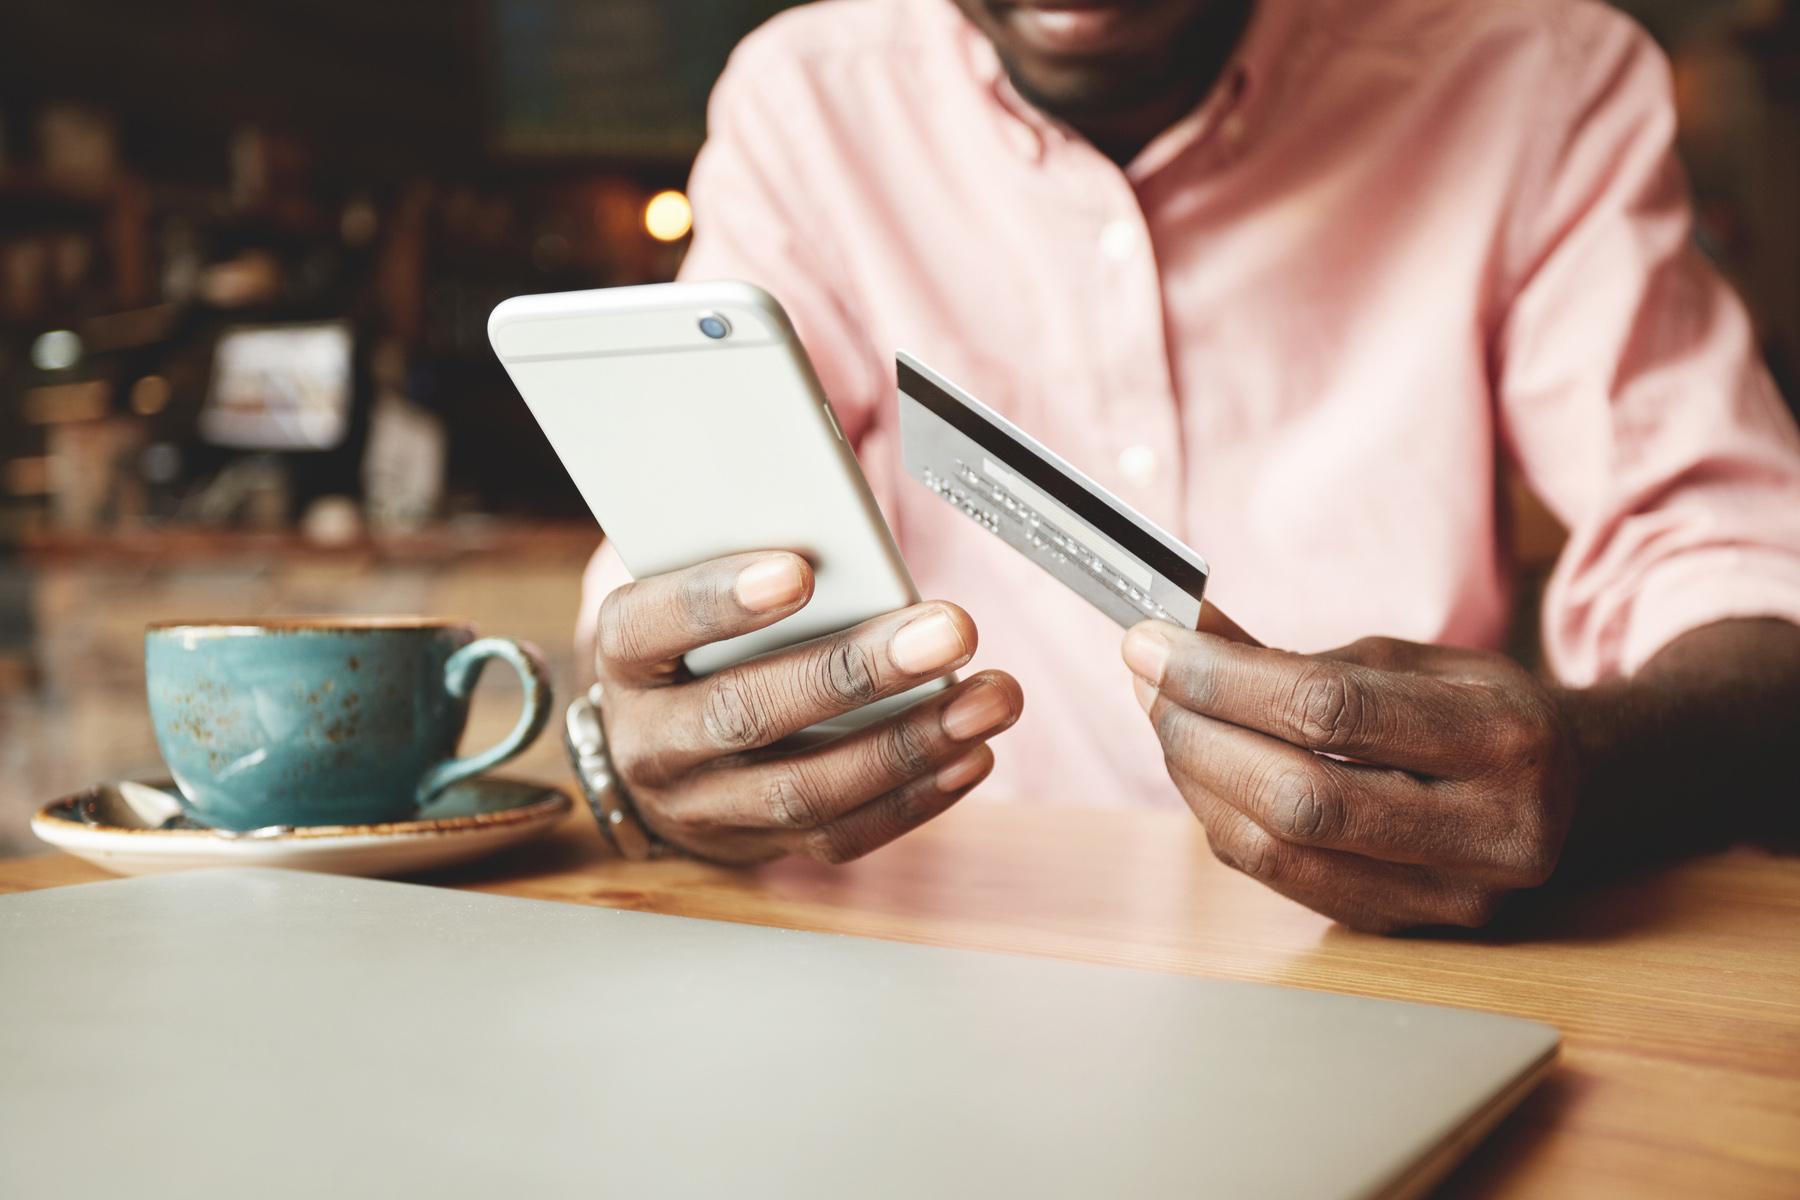 Paying via mobile